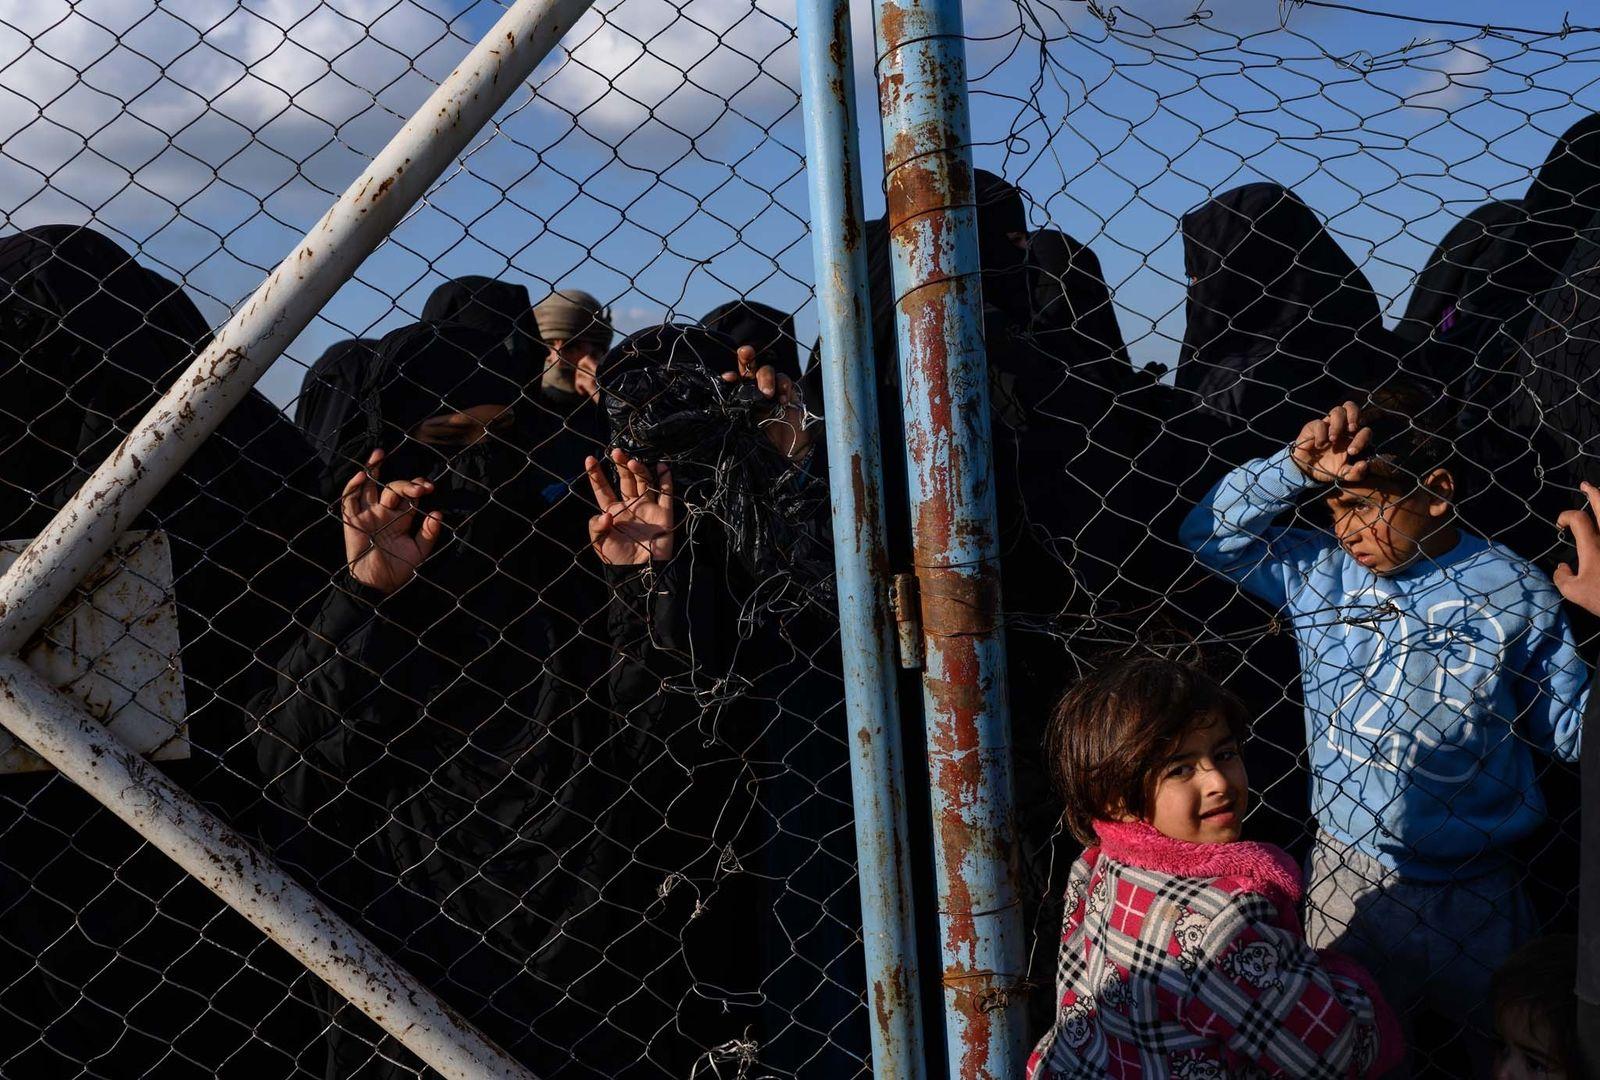 Syrie : une crise humanitaire émerge dans les sillons de l'État Islamique